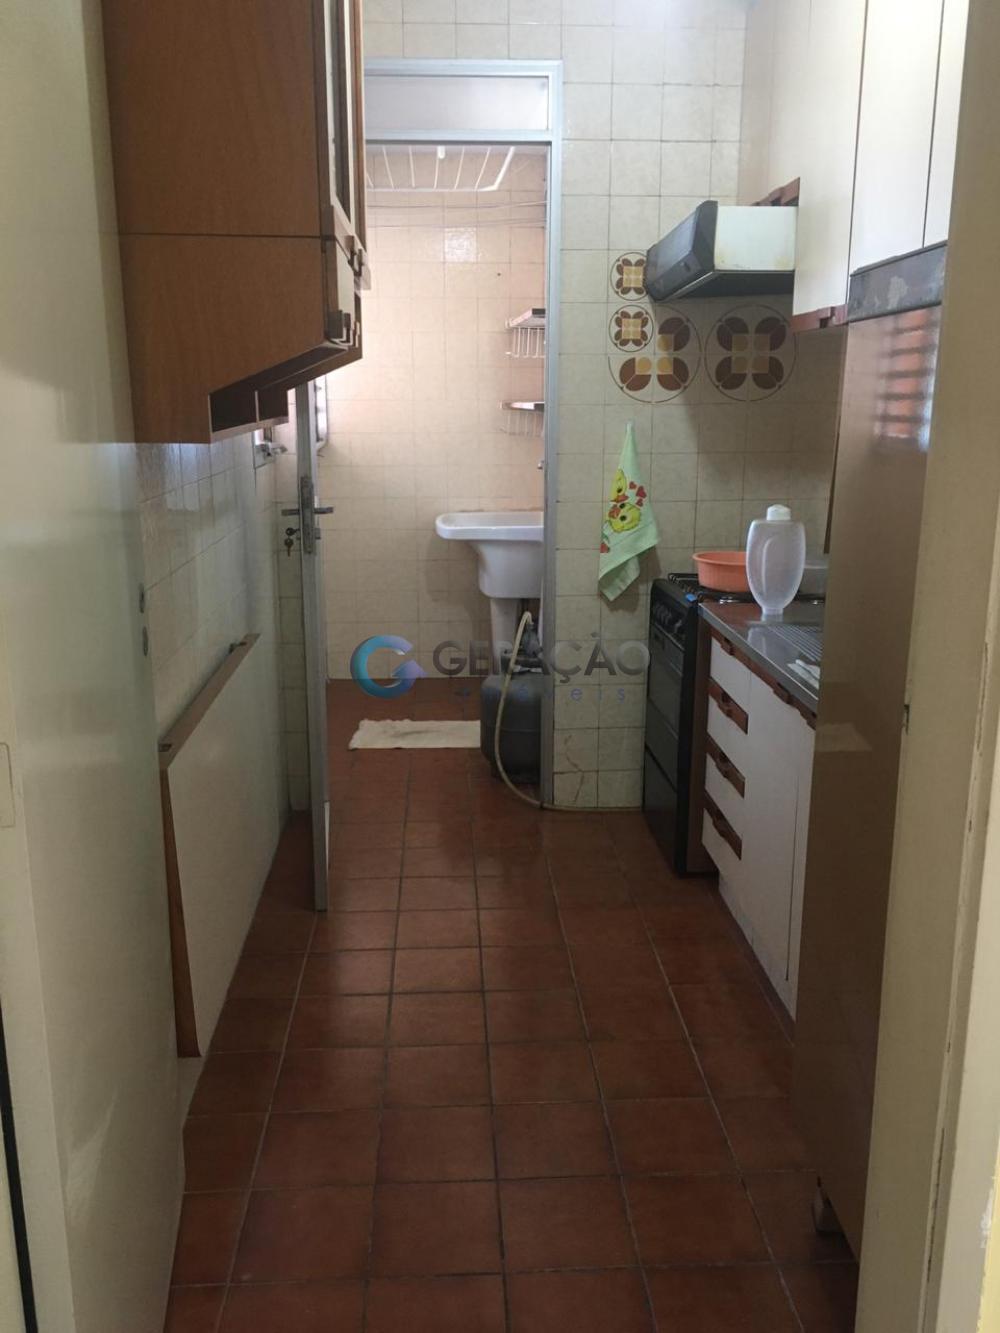 Comprar Apartamento / Padrão em São José dos Campos R$ 190.000,00 - Foto 7